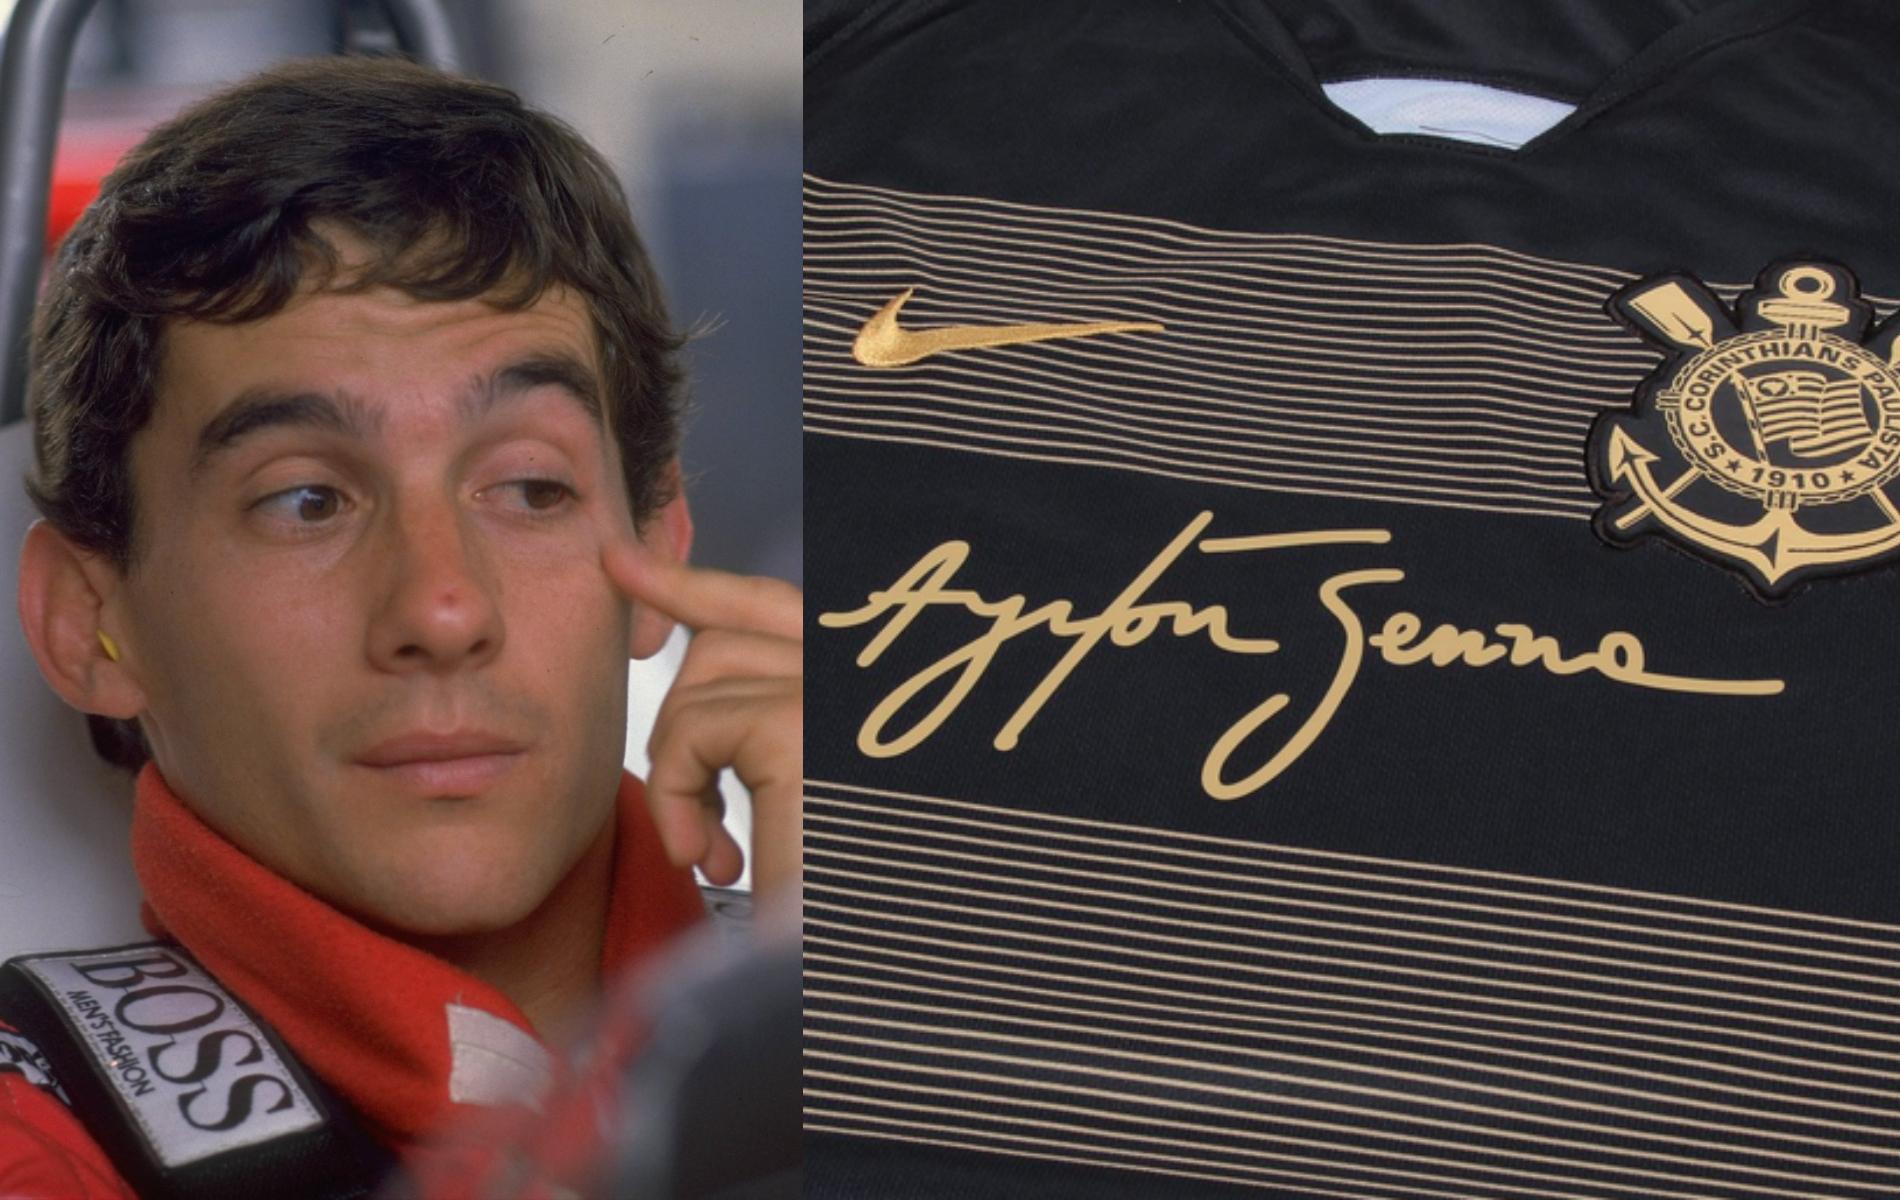 Corinthians rinde homenaje a Ayrton Senna con playera especial en su honor